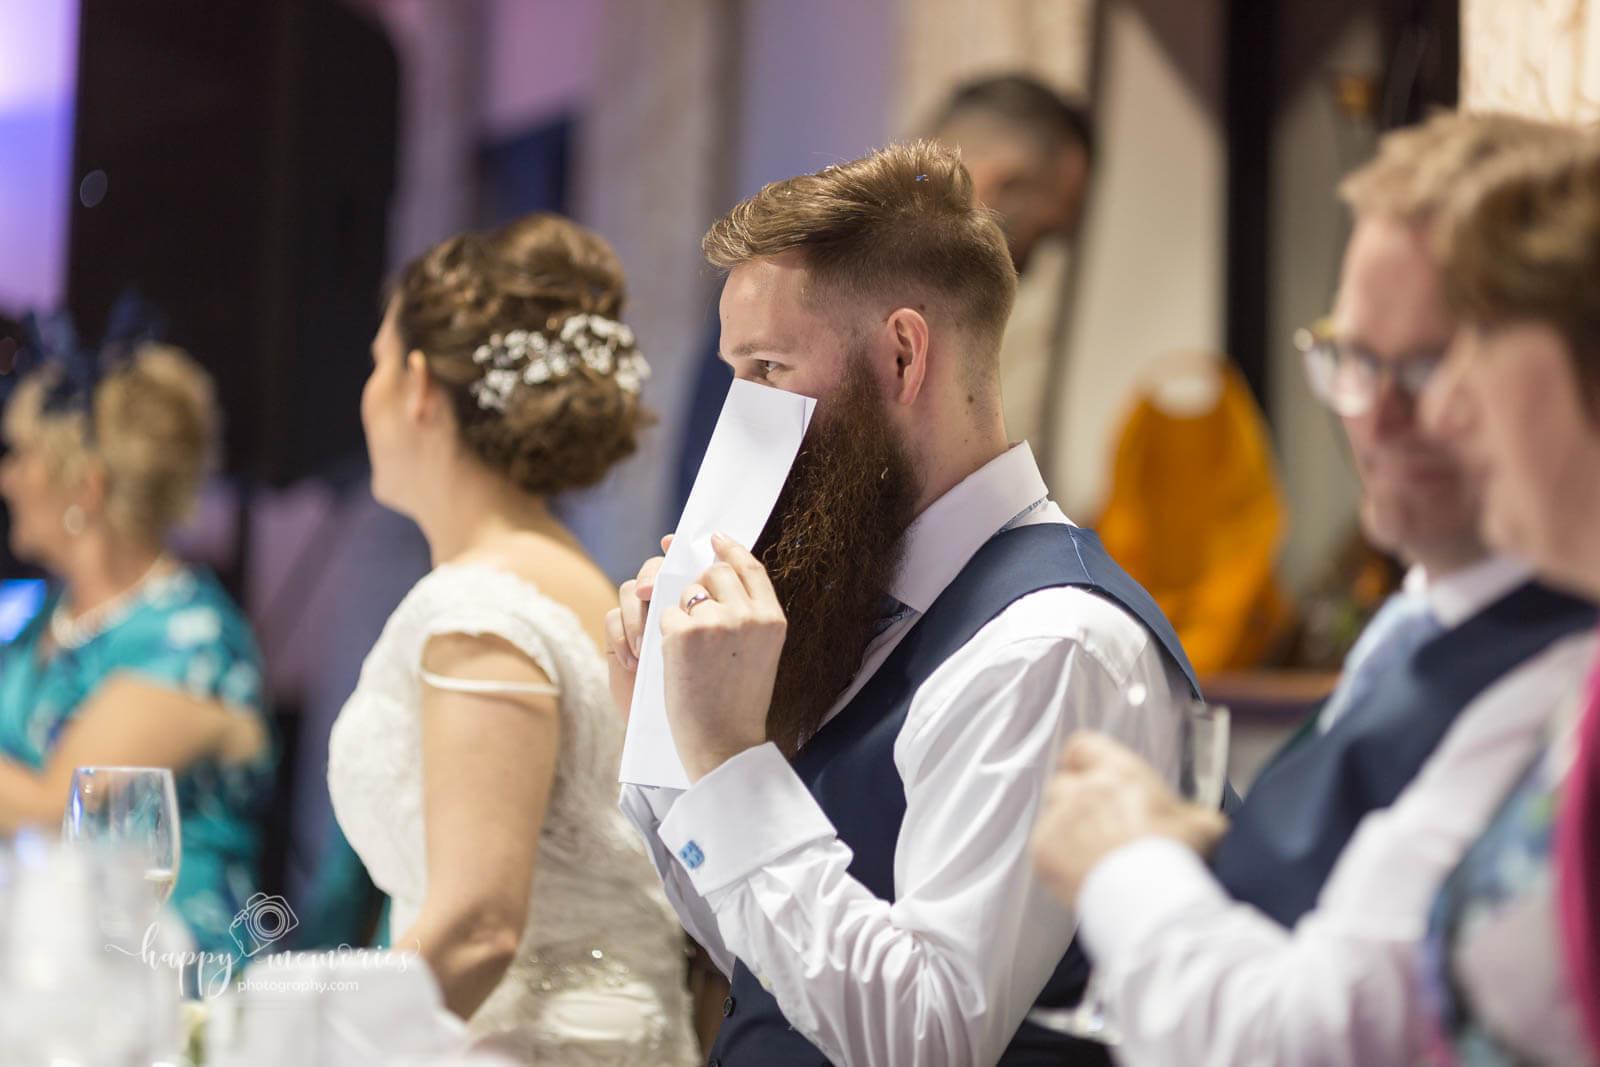 Wedding photographer Crawley-40